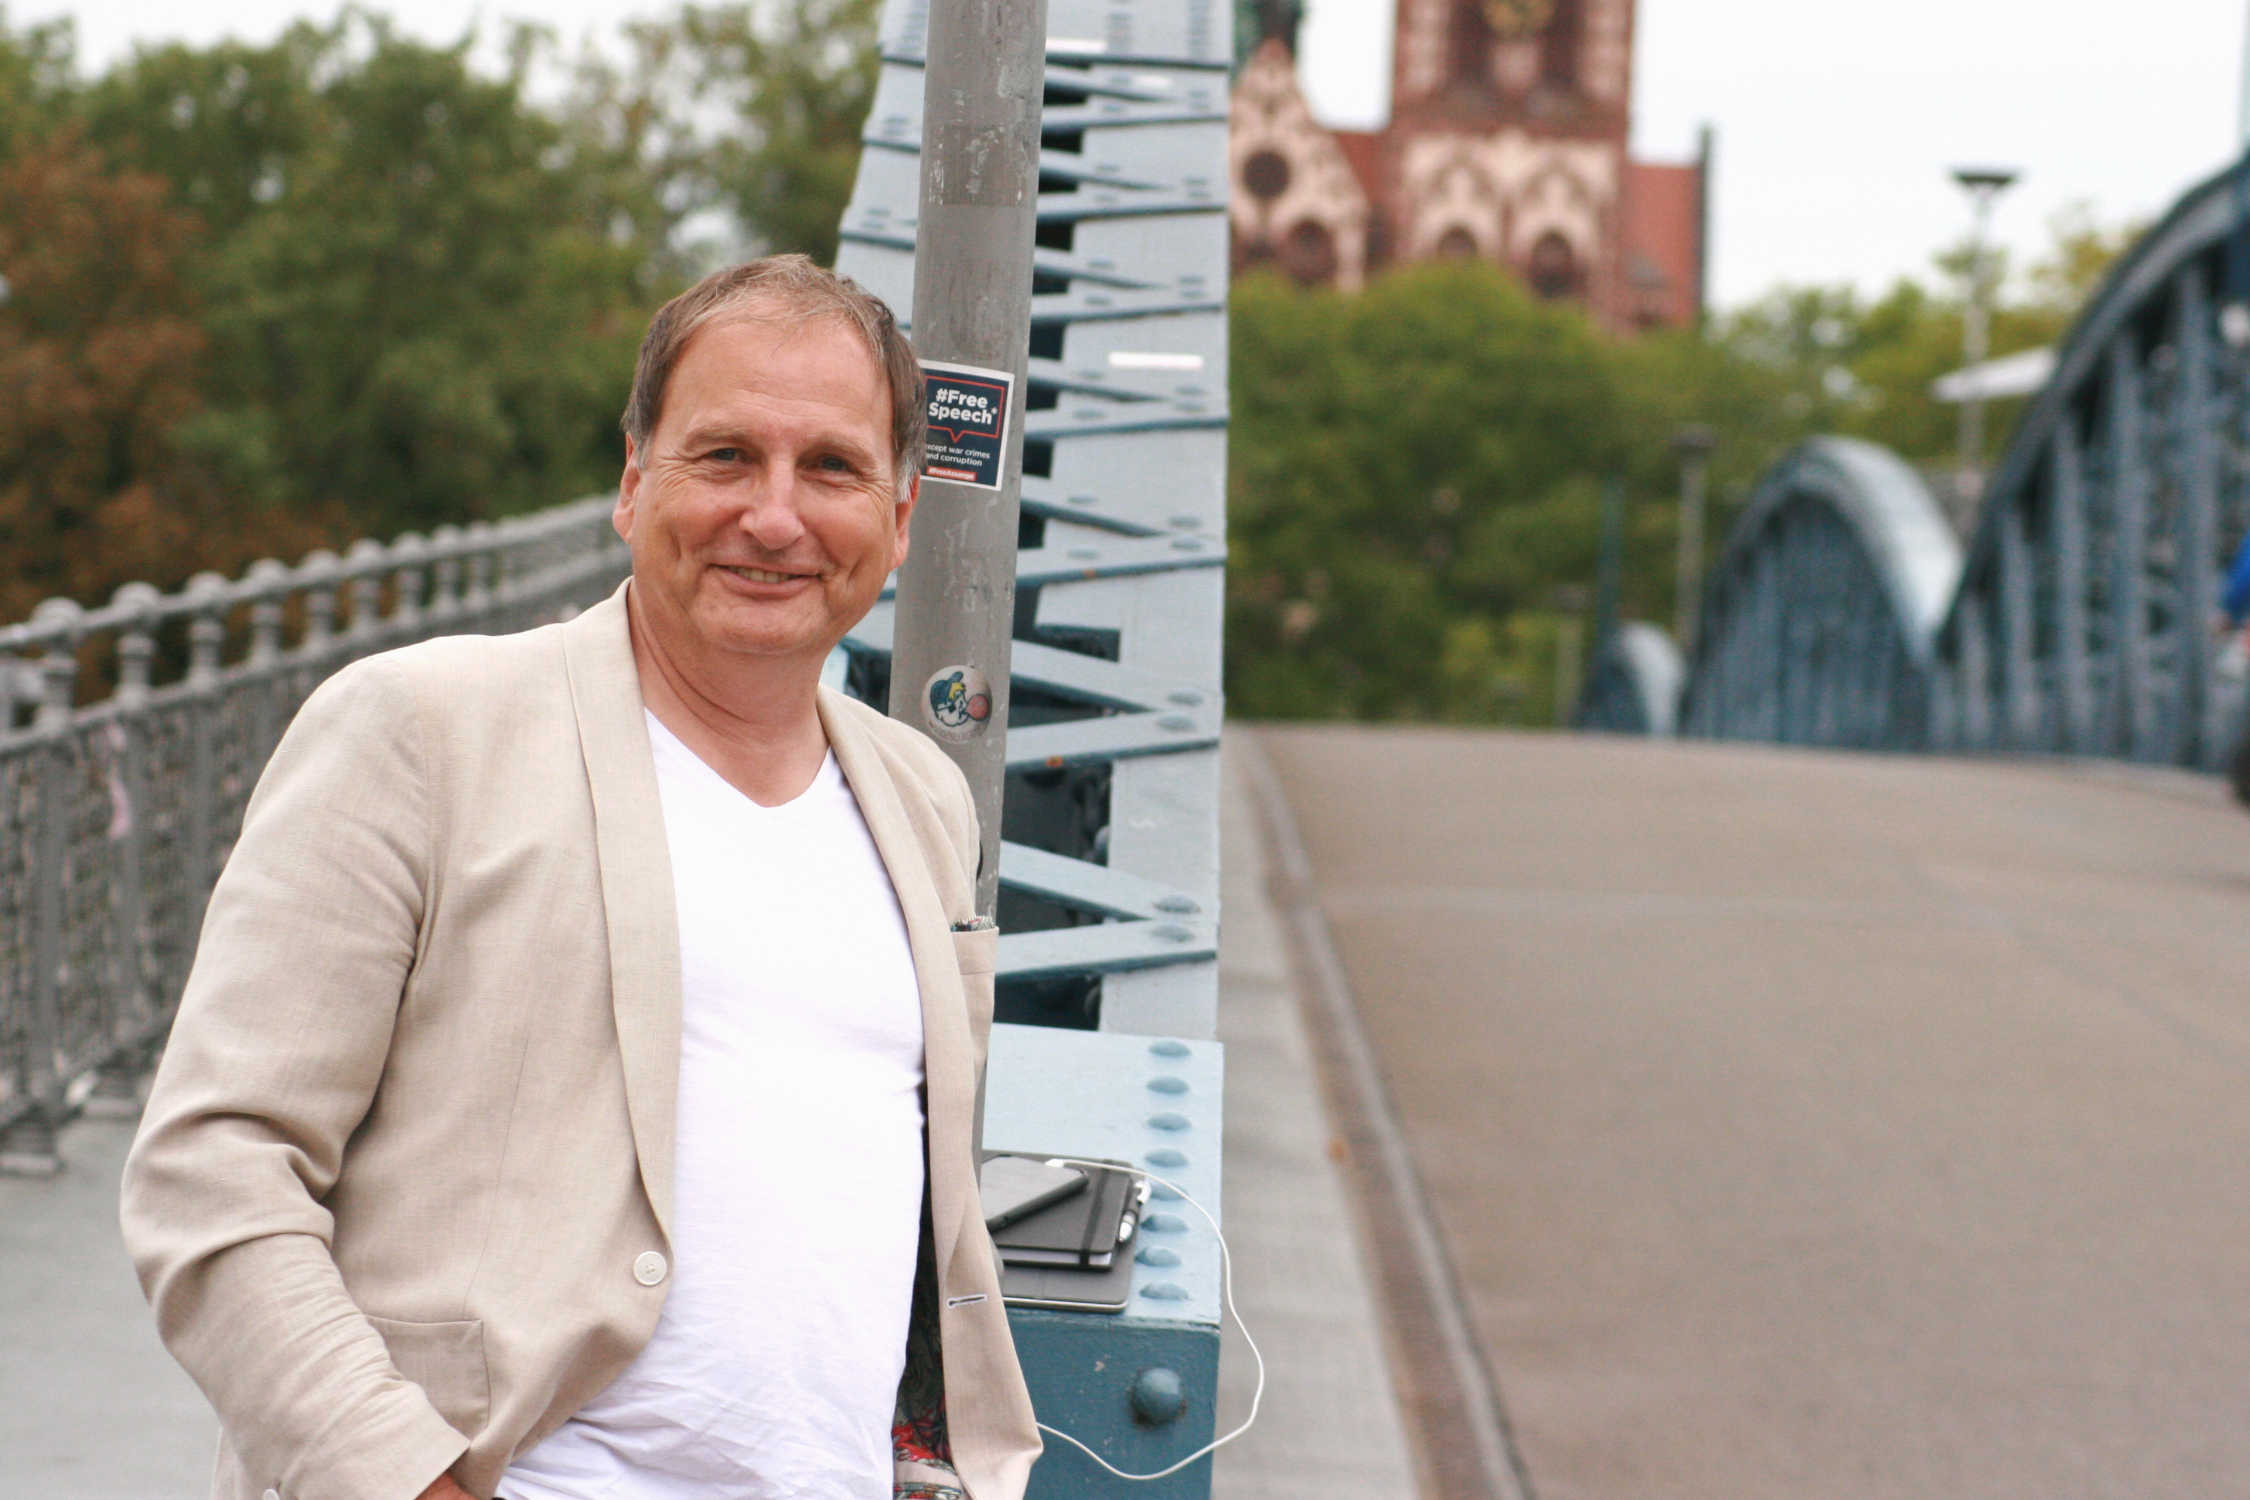 Versicherungsberater Gerd Güssler steht auf einer Brücke und lächelt.